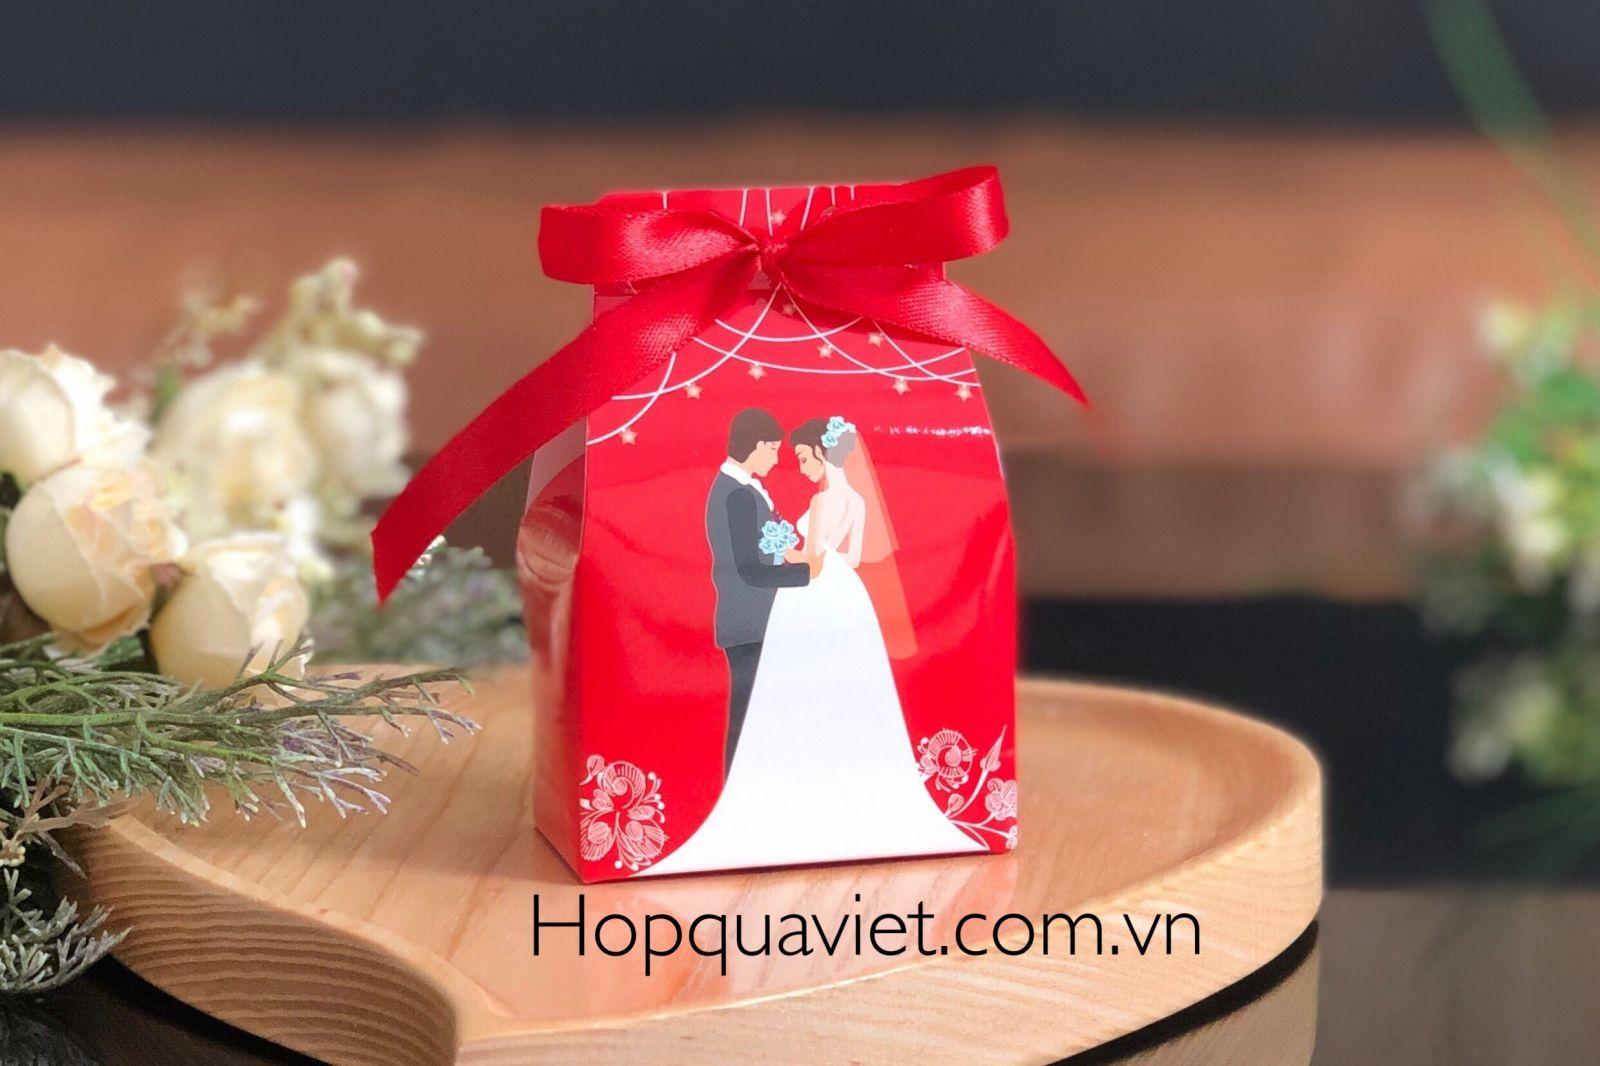 Hộp quà cưới chữ nhật nơ đỏ 9DN